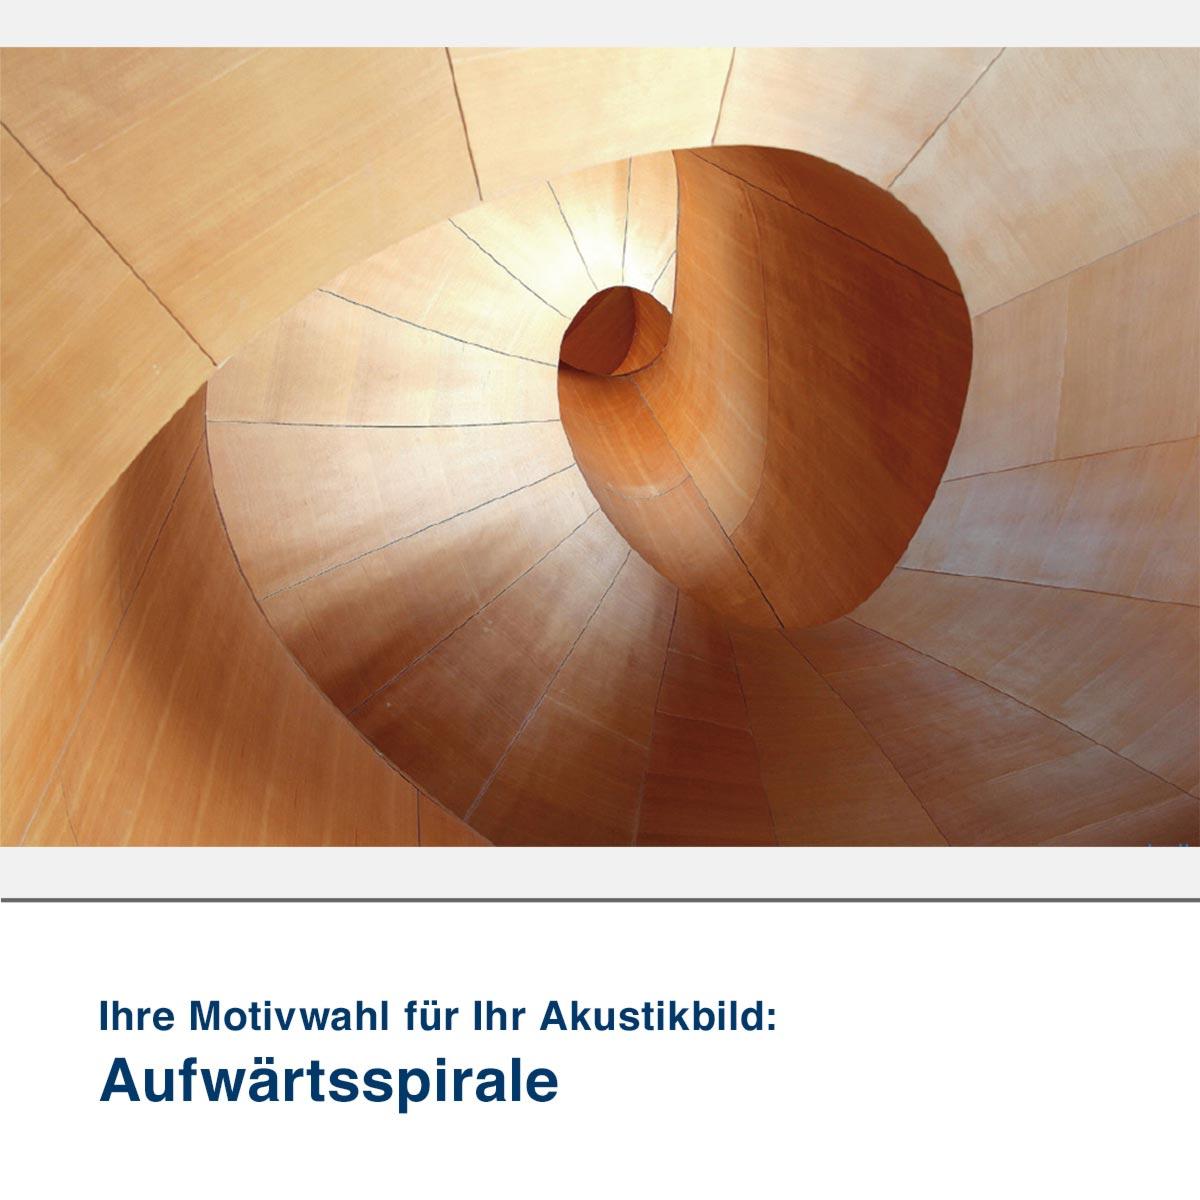 Akustikbild Motiv Aufwärtsspirale